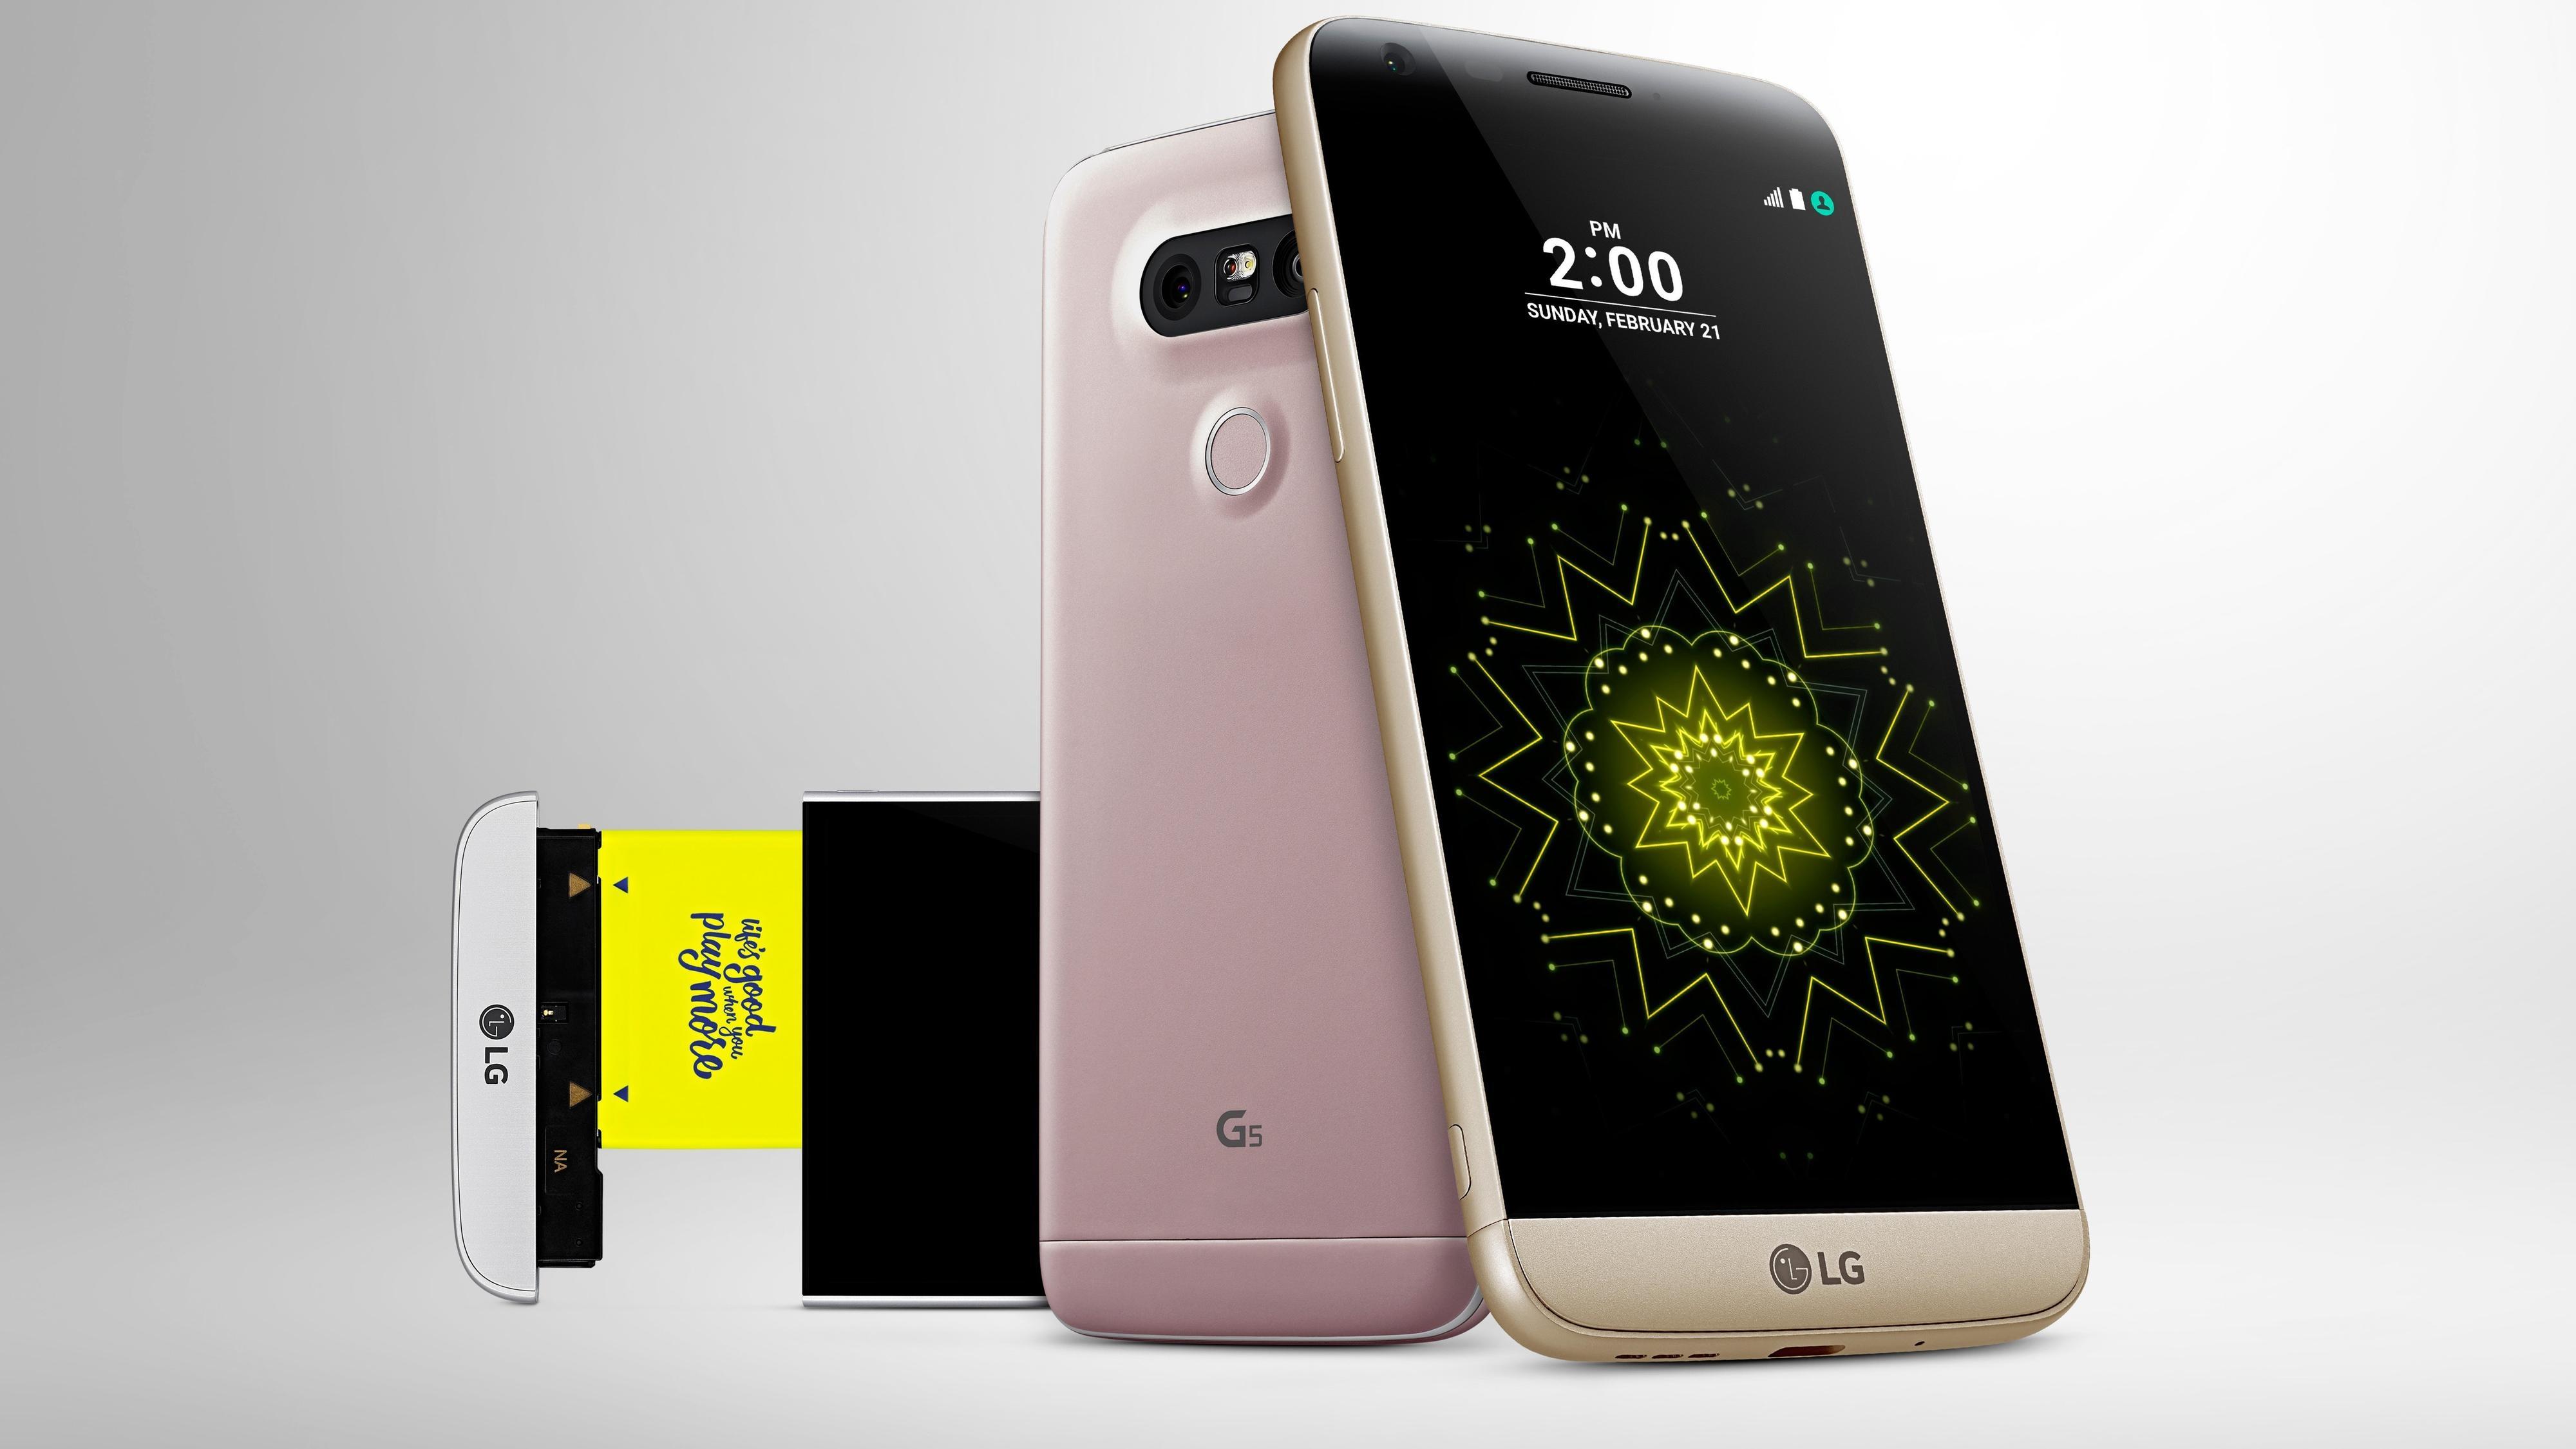 LGs nye flaggskip-mobil skal få haugevis av nye moduler